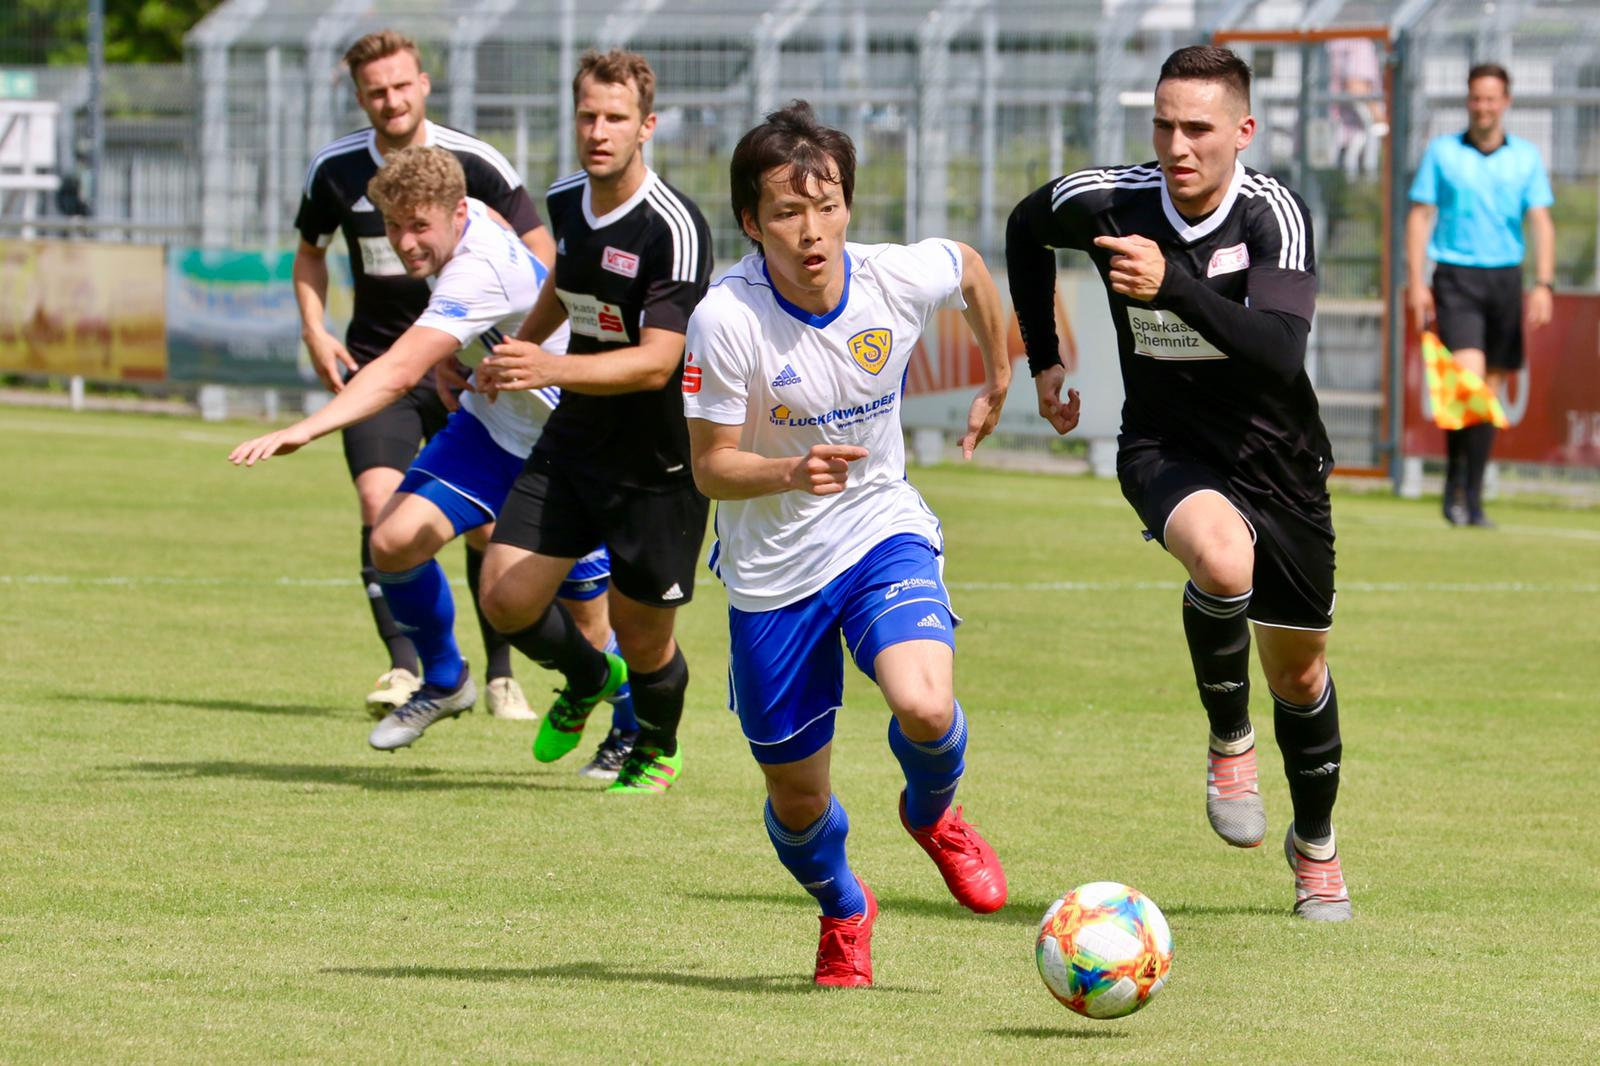 30.-Spieltag-FSV-63-Luckenwalde-VfL-05-Hohenstein-Ernstthal-12